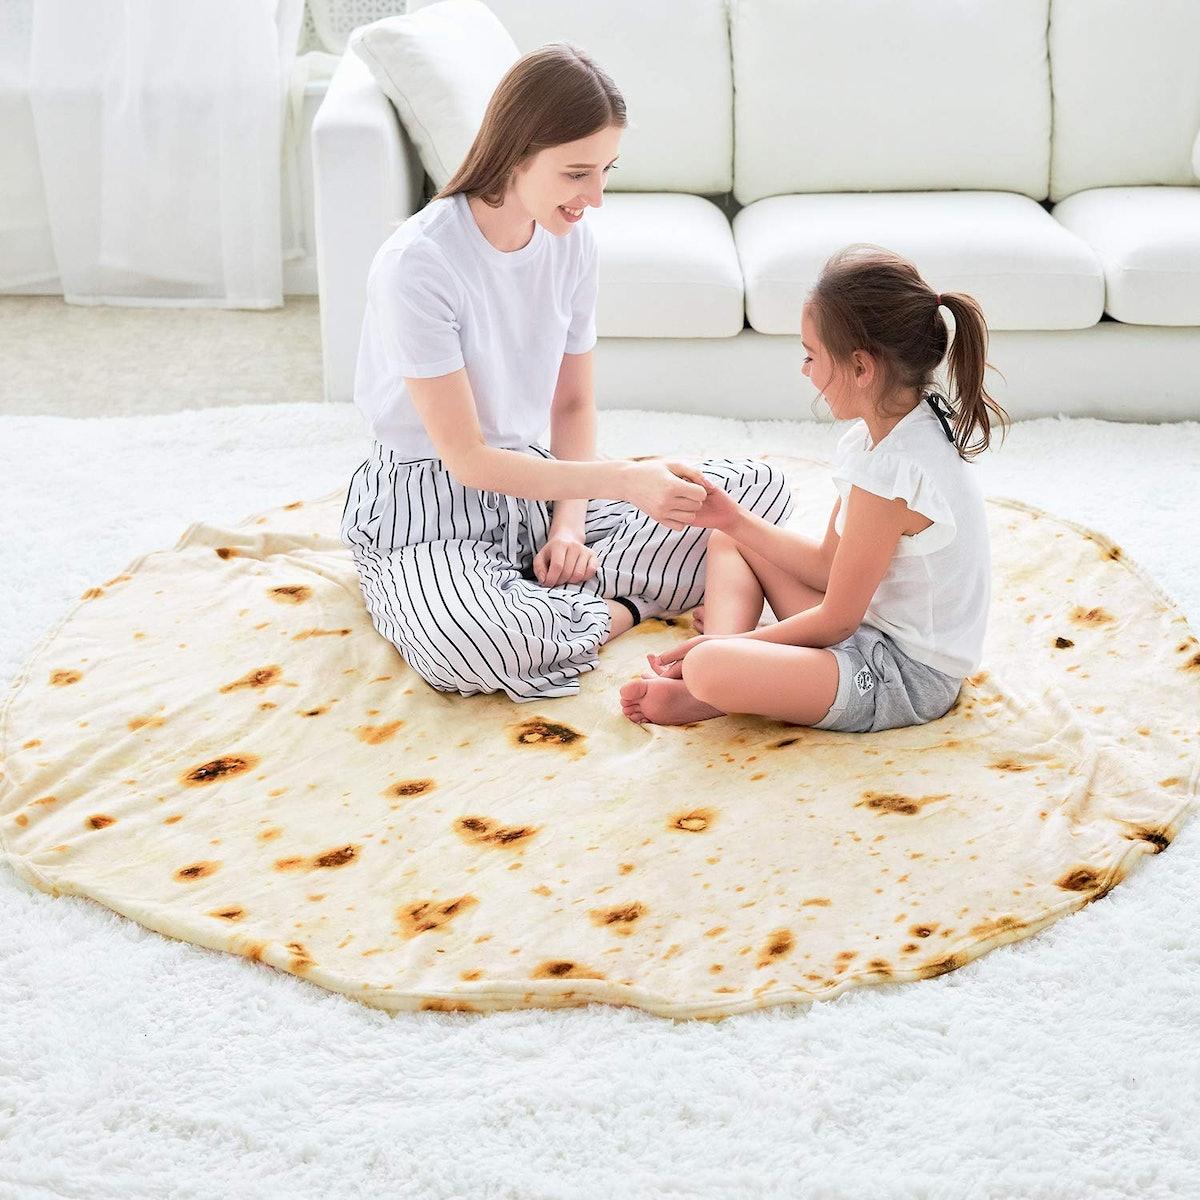 CASOFU Burritos Blanket